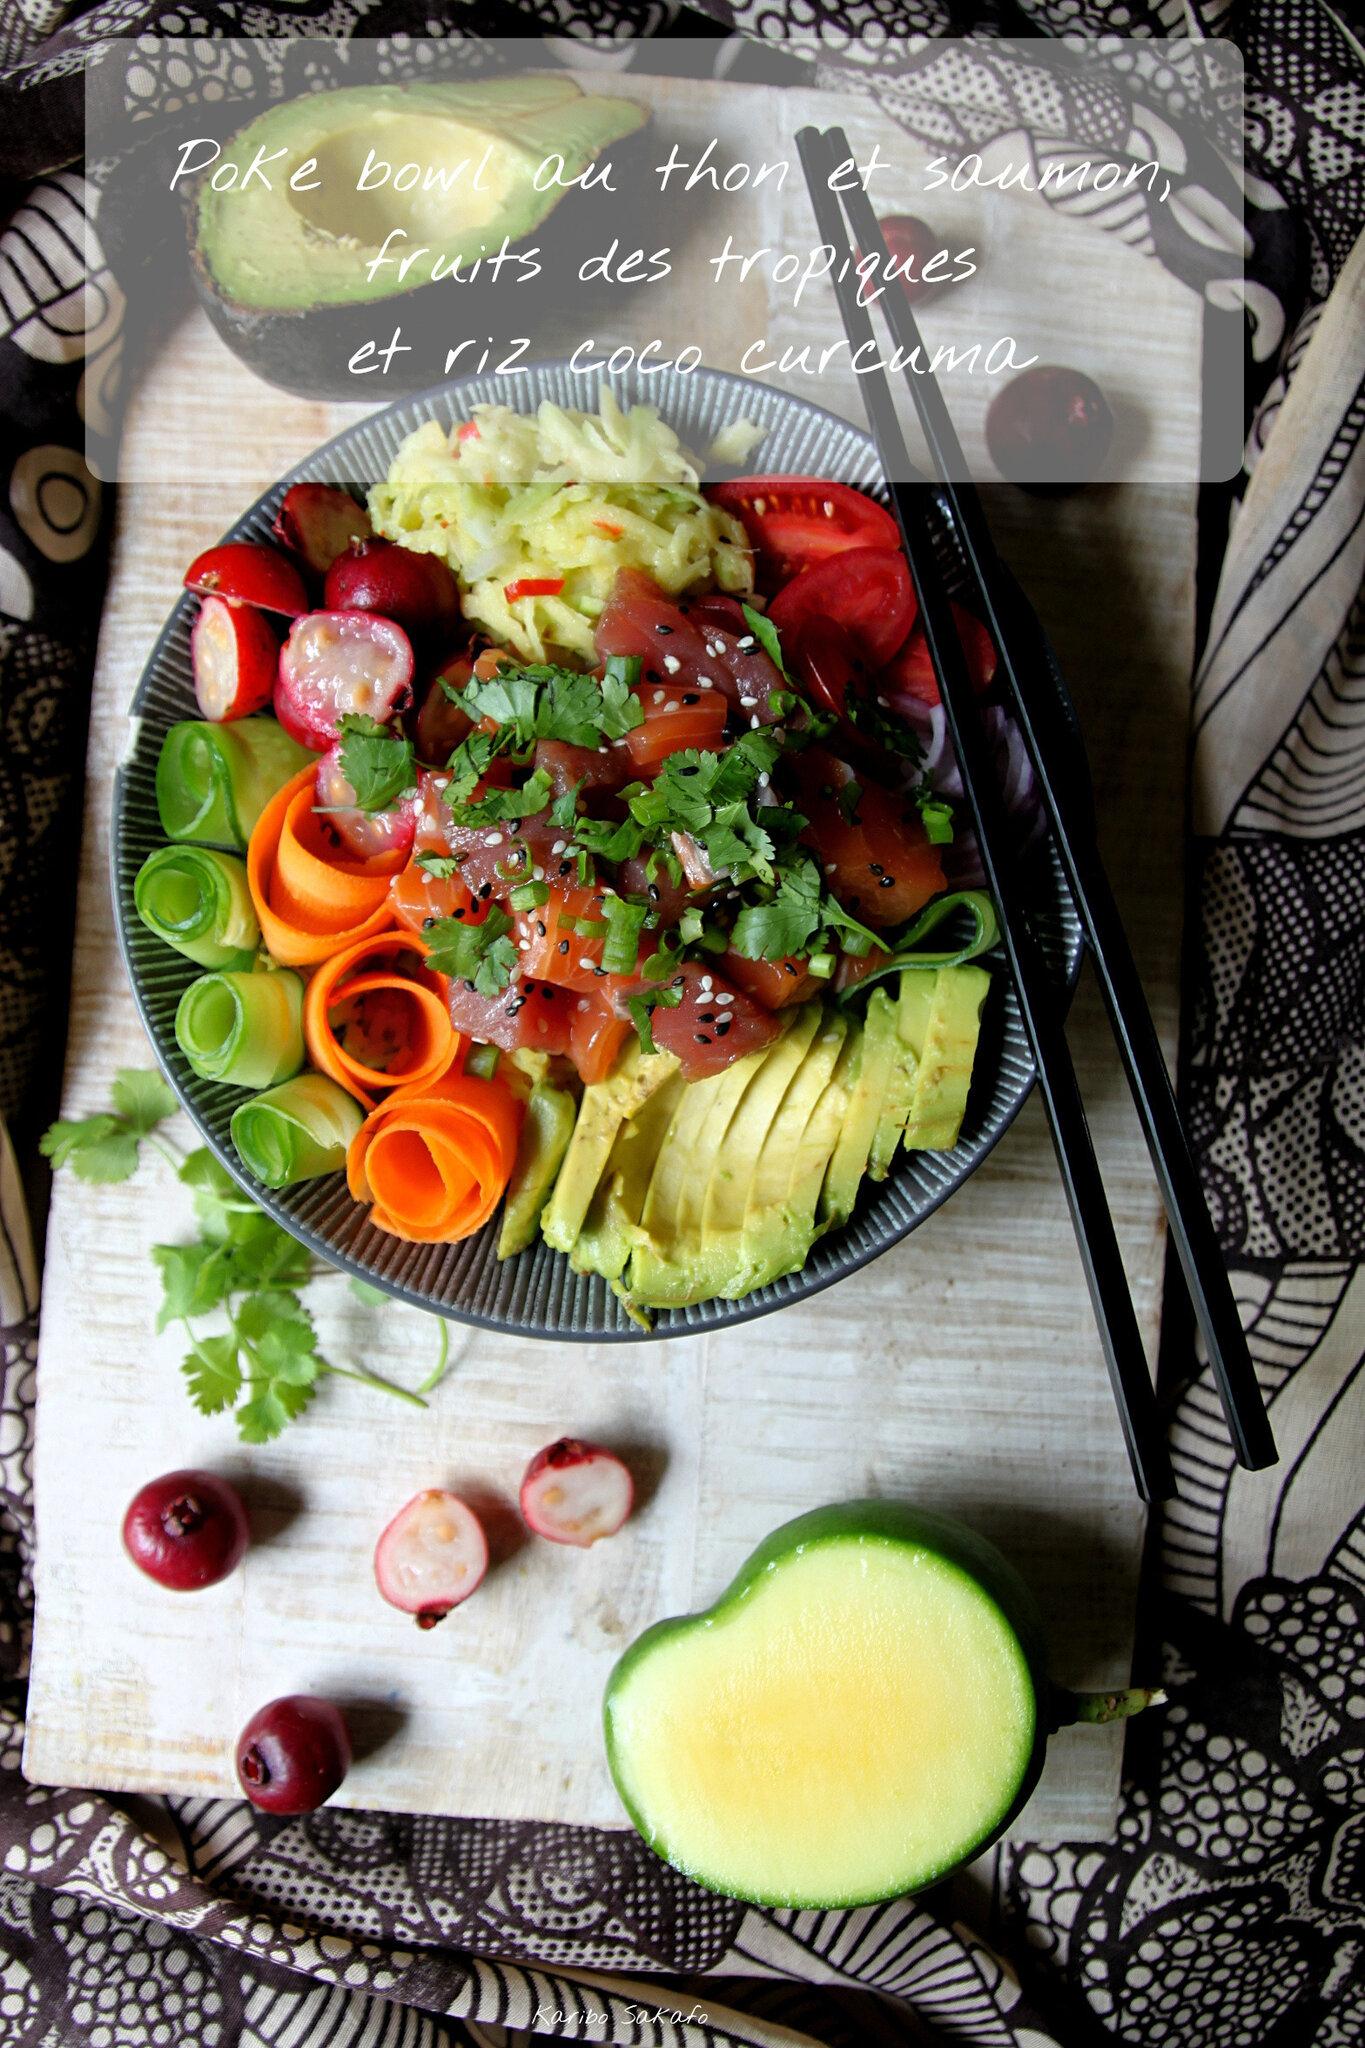 Poke bowl au thon et saumon, fruits des tropiques et riz coco curcuma